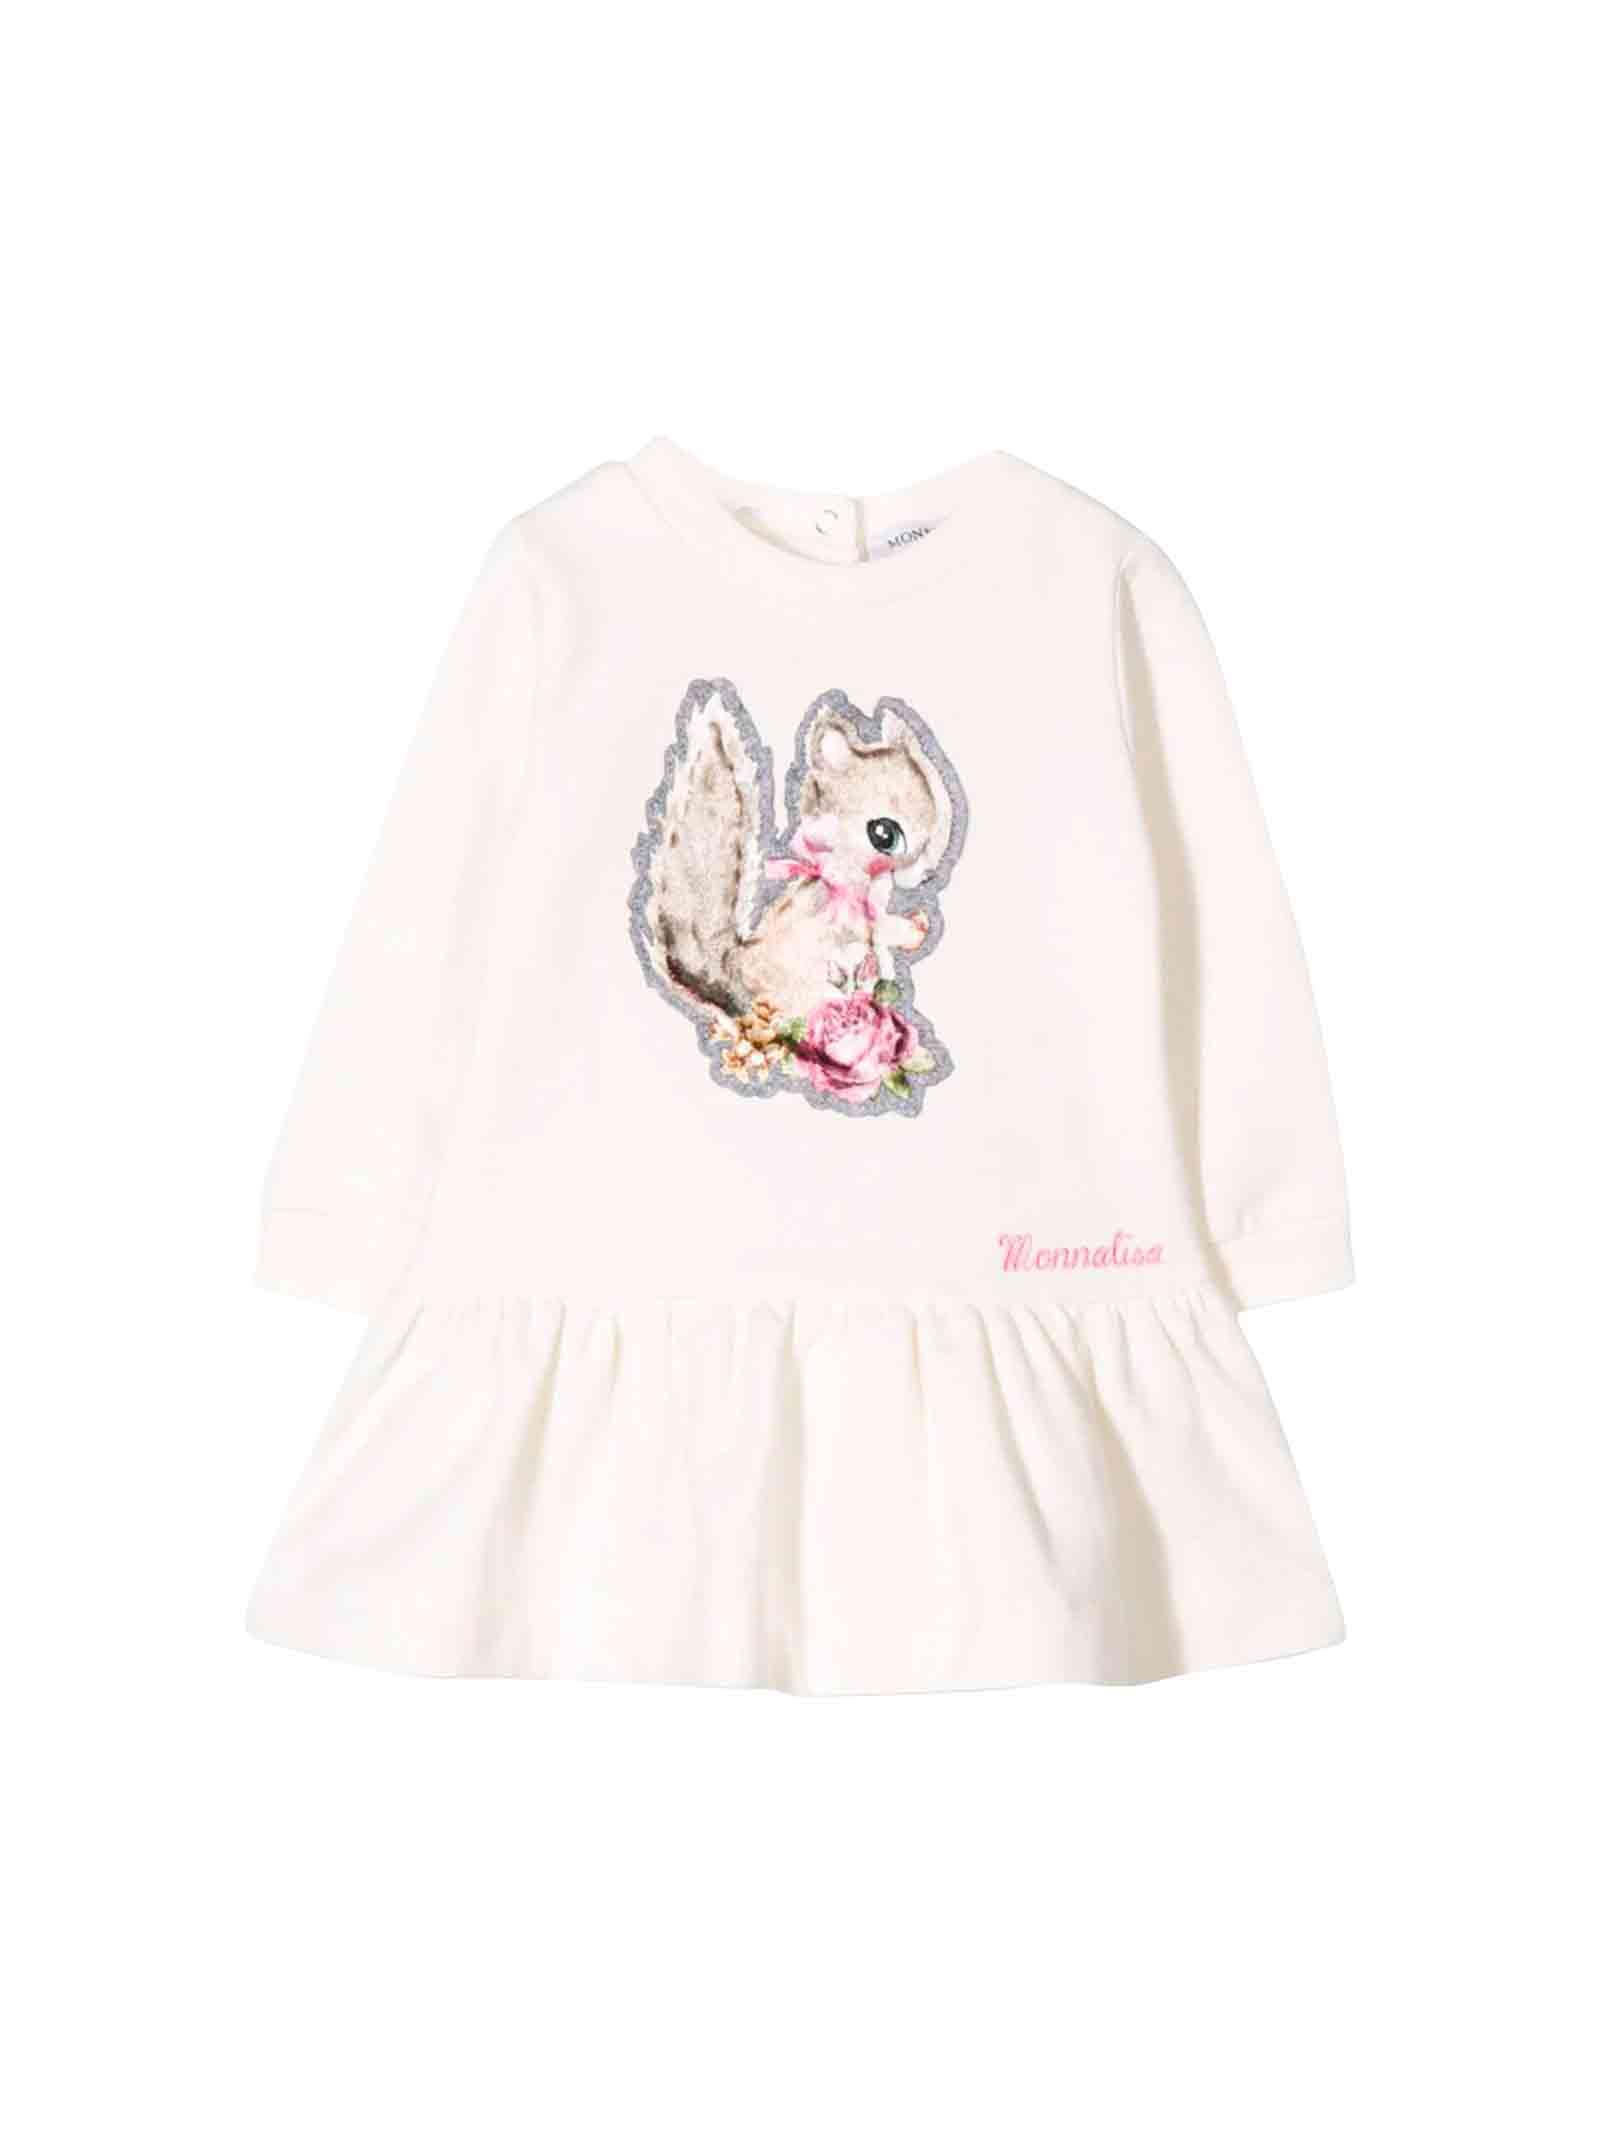 Monnalisa Newborn Cream Dress